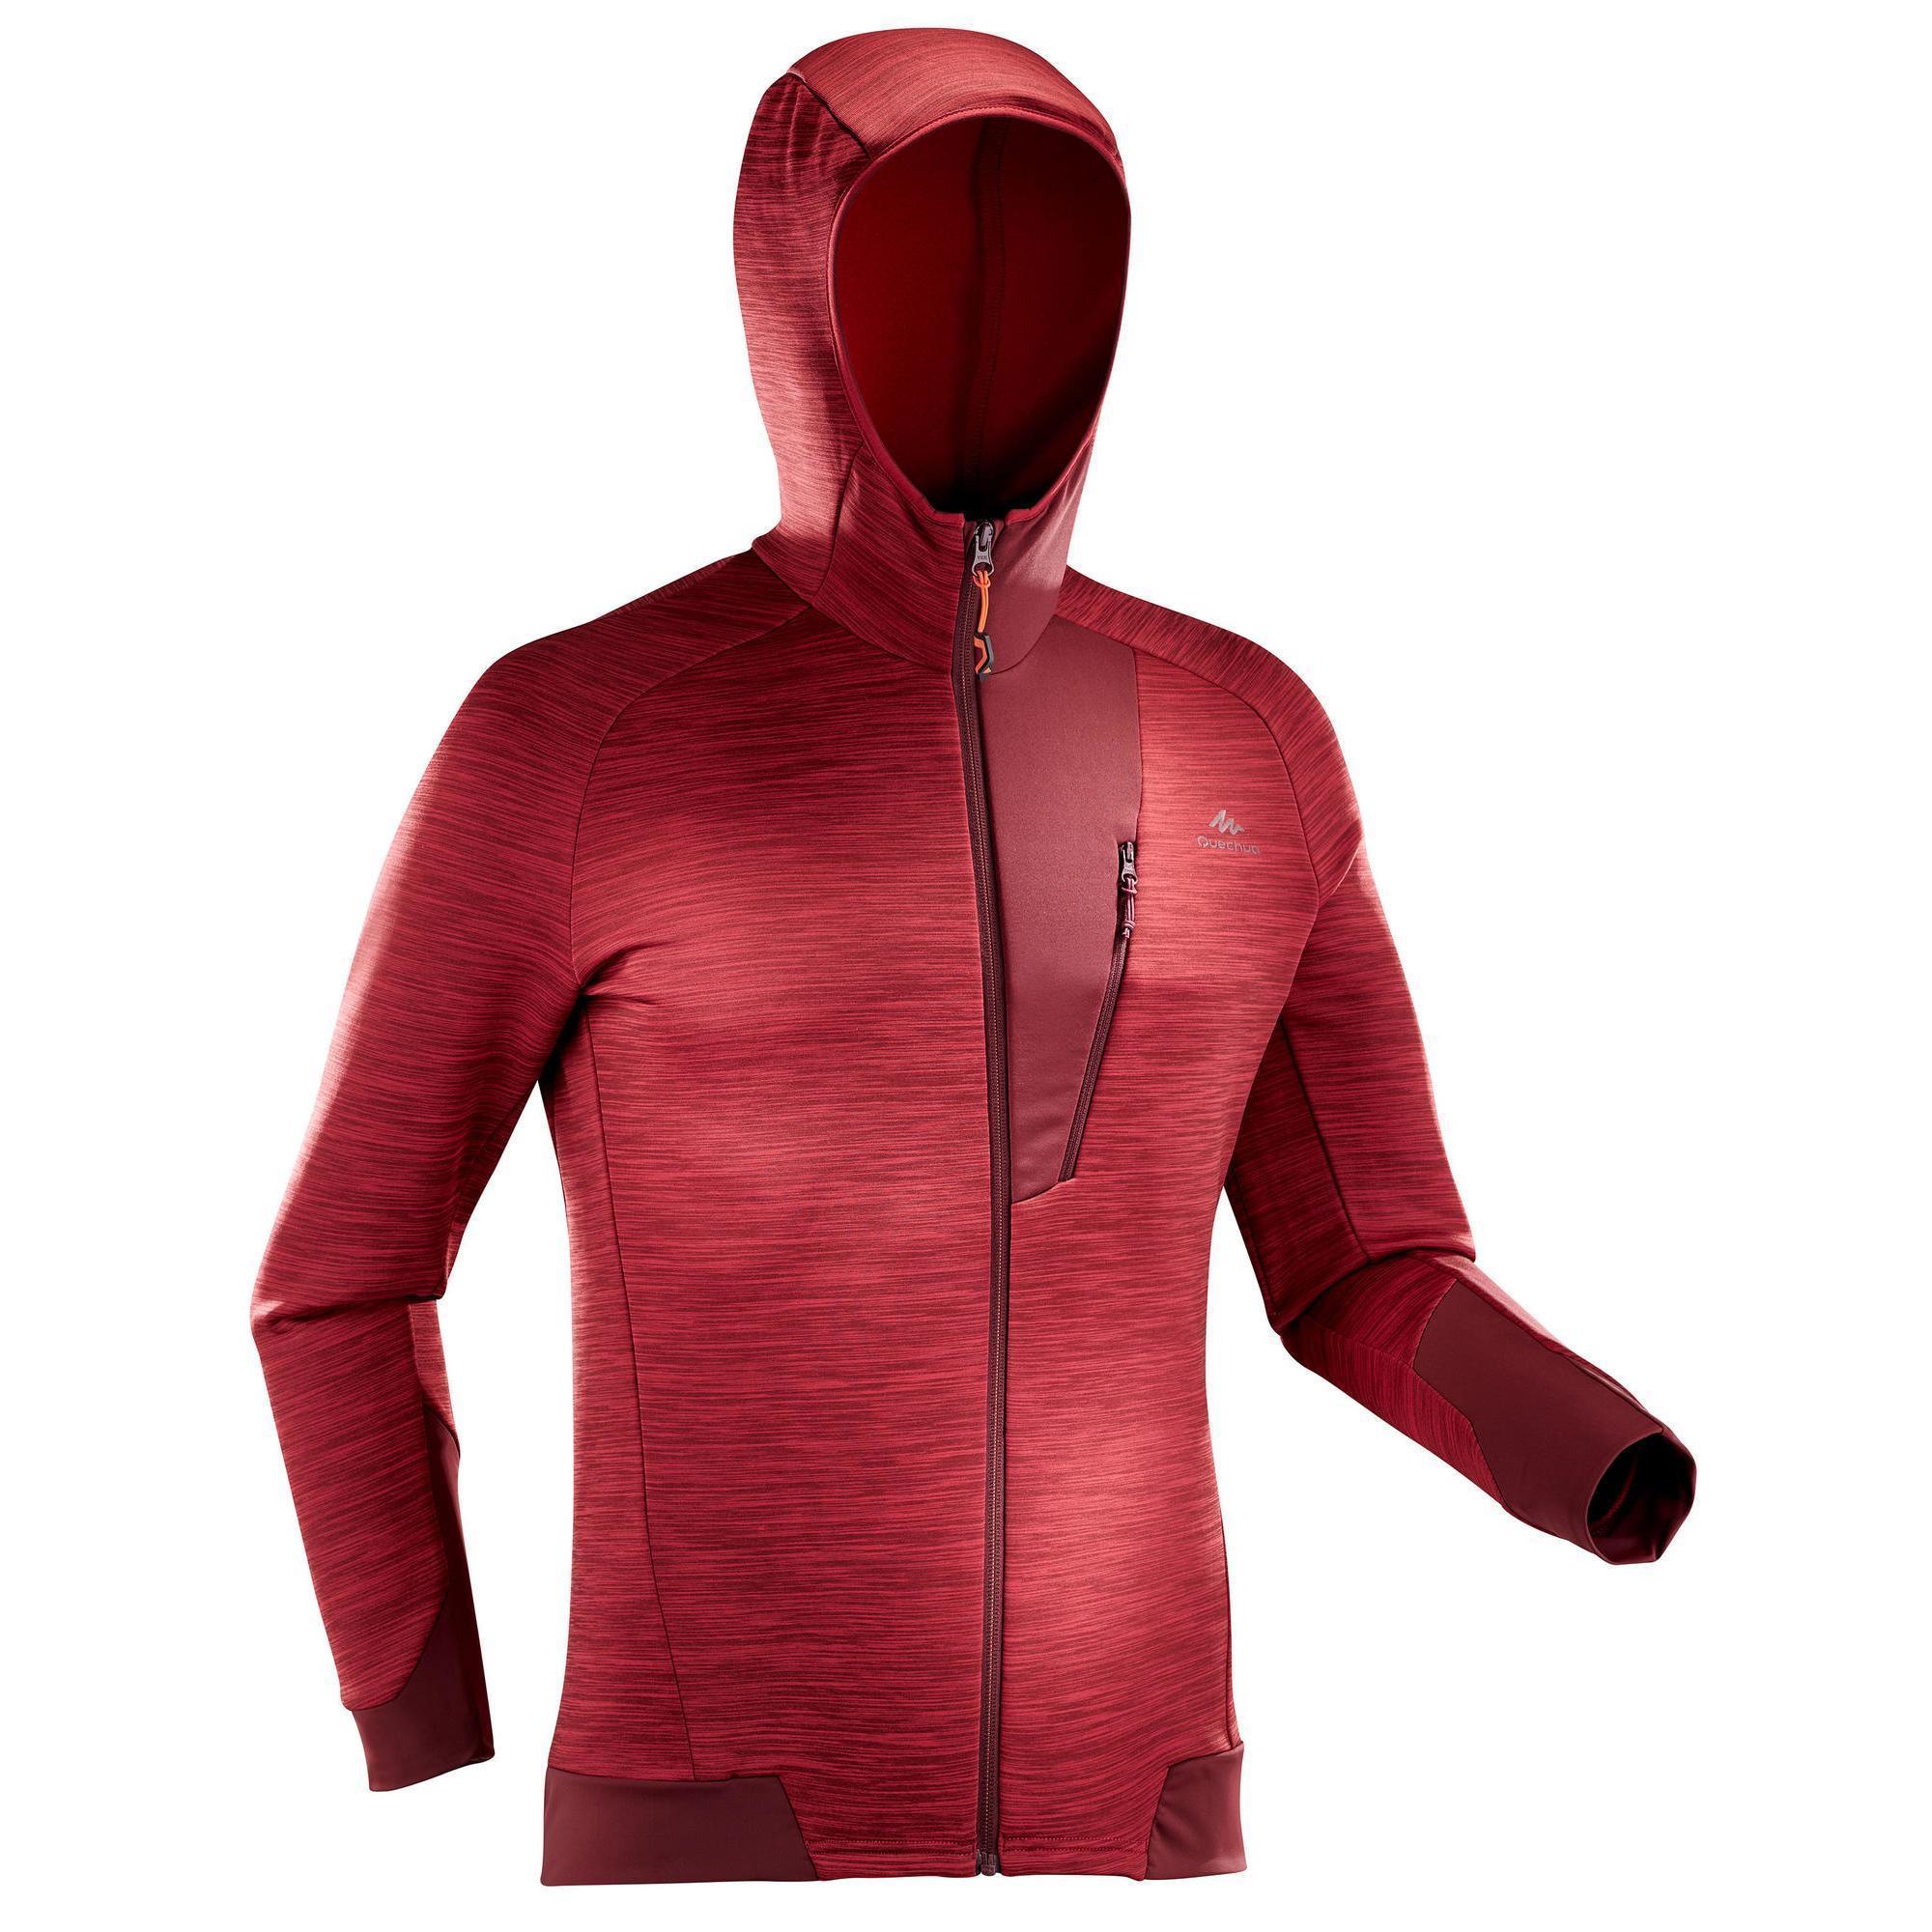 162815a6e3a veste polaire de randonnee montagne homme mh900 bordeaux quechua 8504619 1501011.jpg